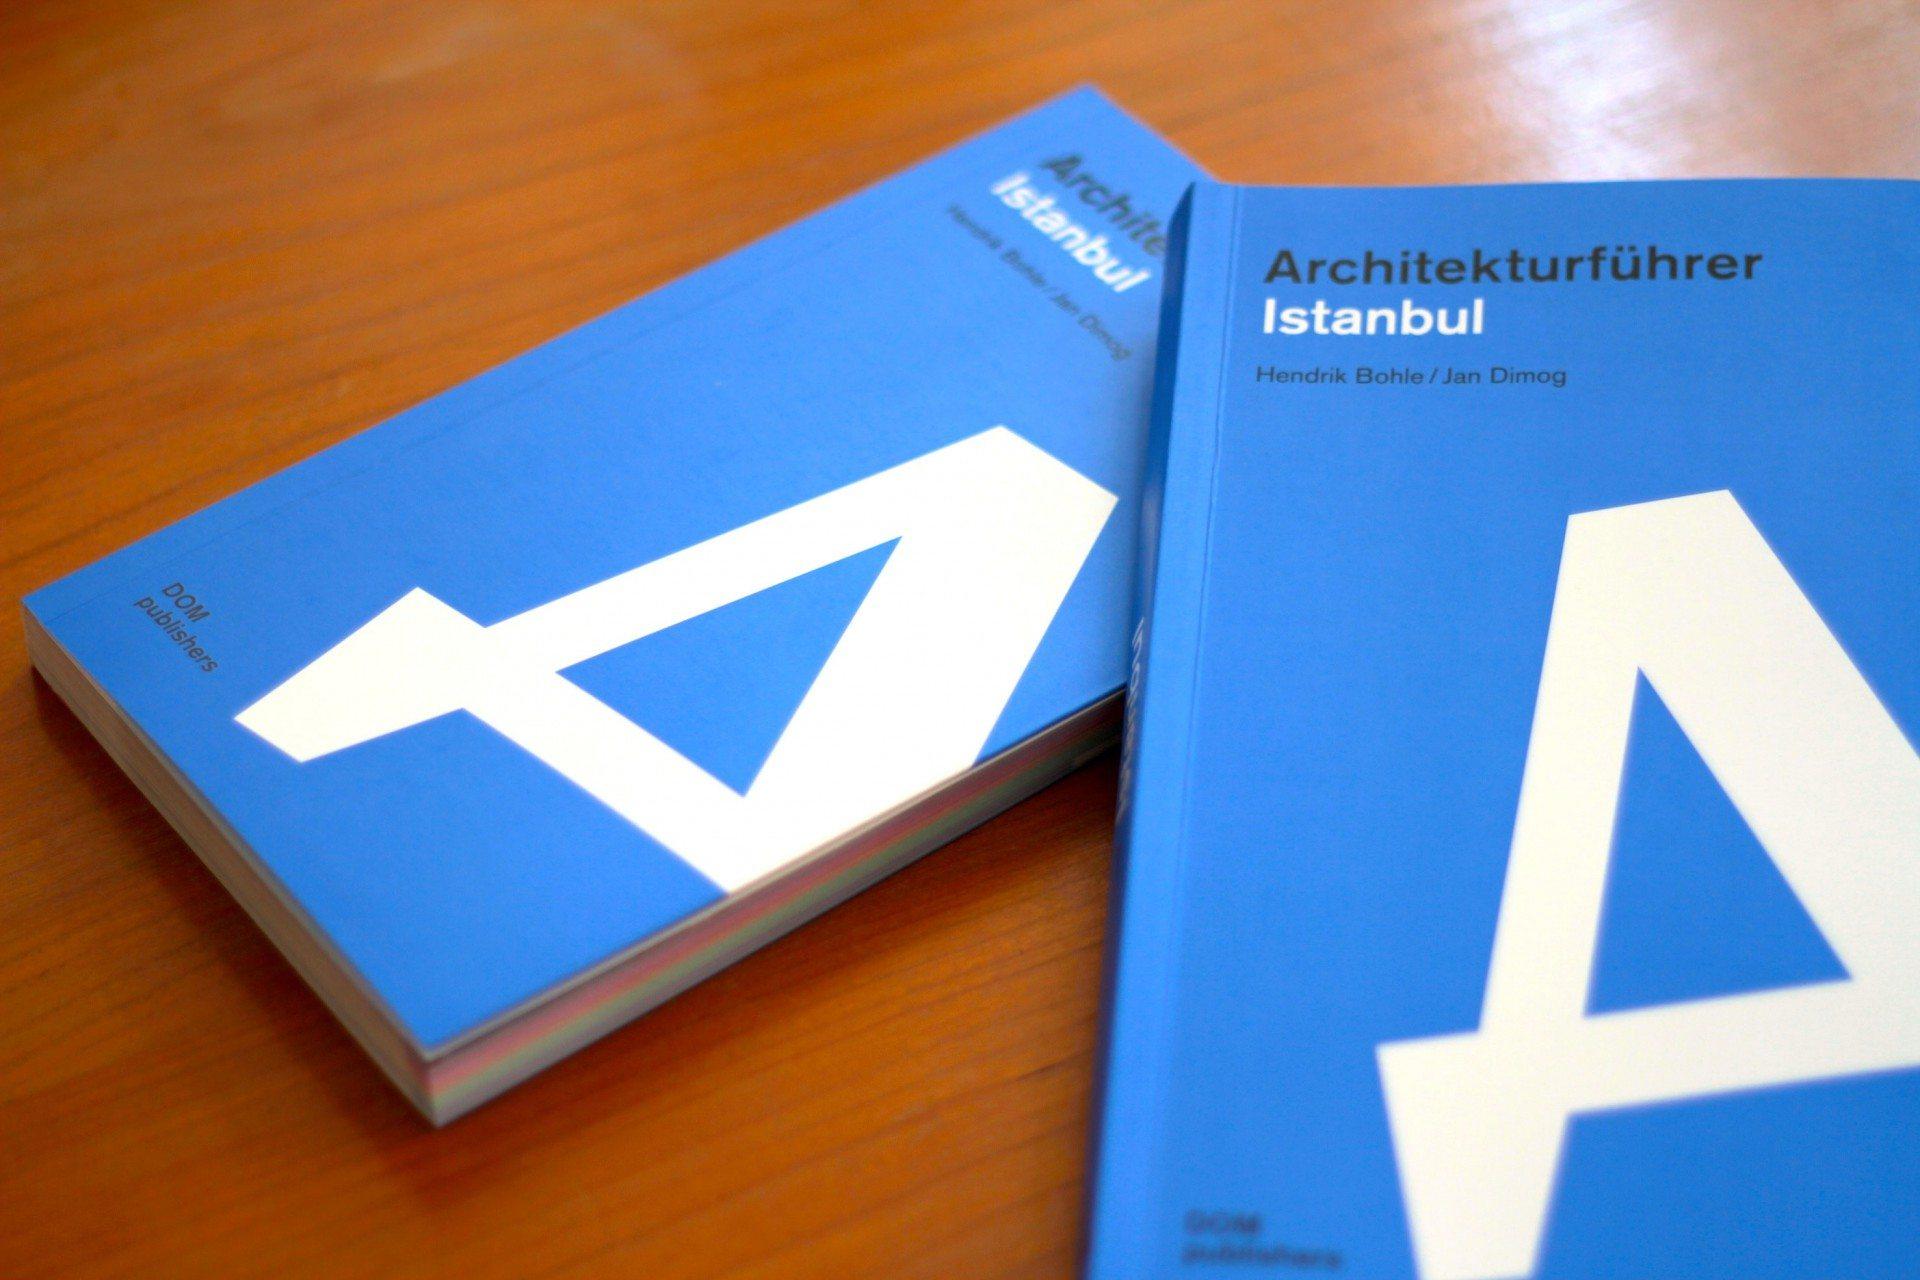 Architekturführer Istanbul von Hendrik Bohle und Jan Dimog